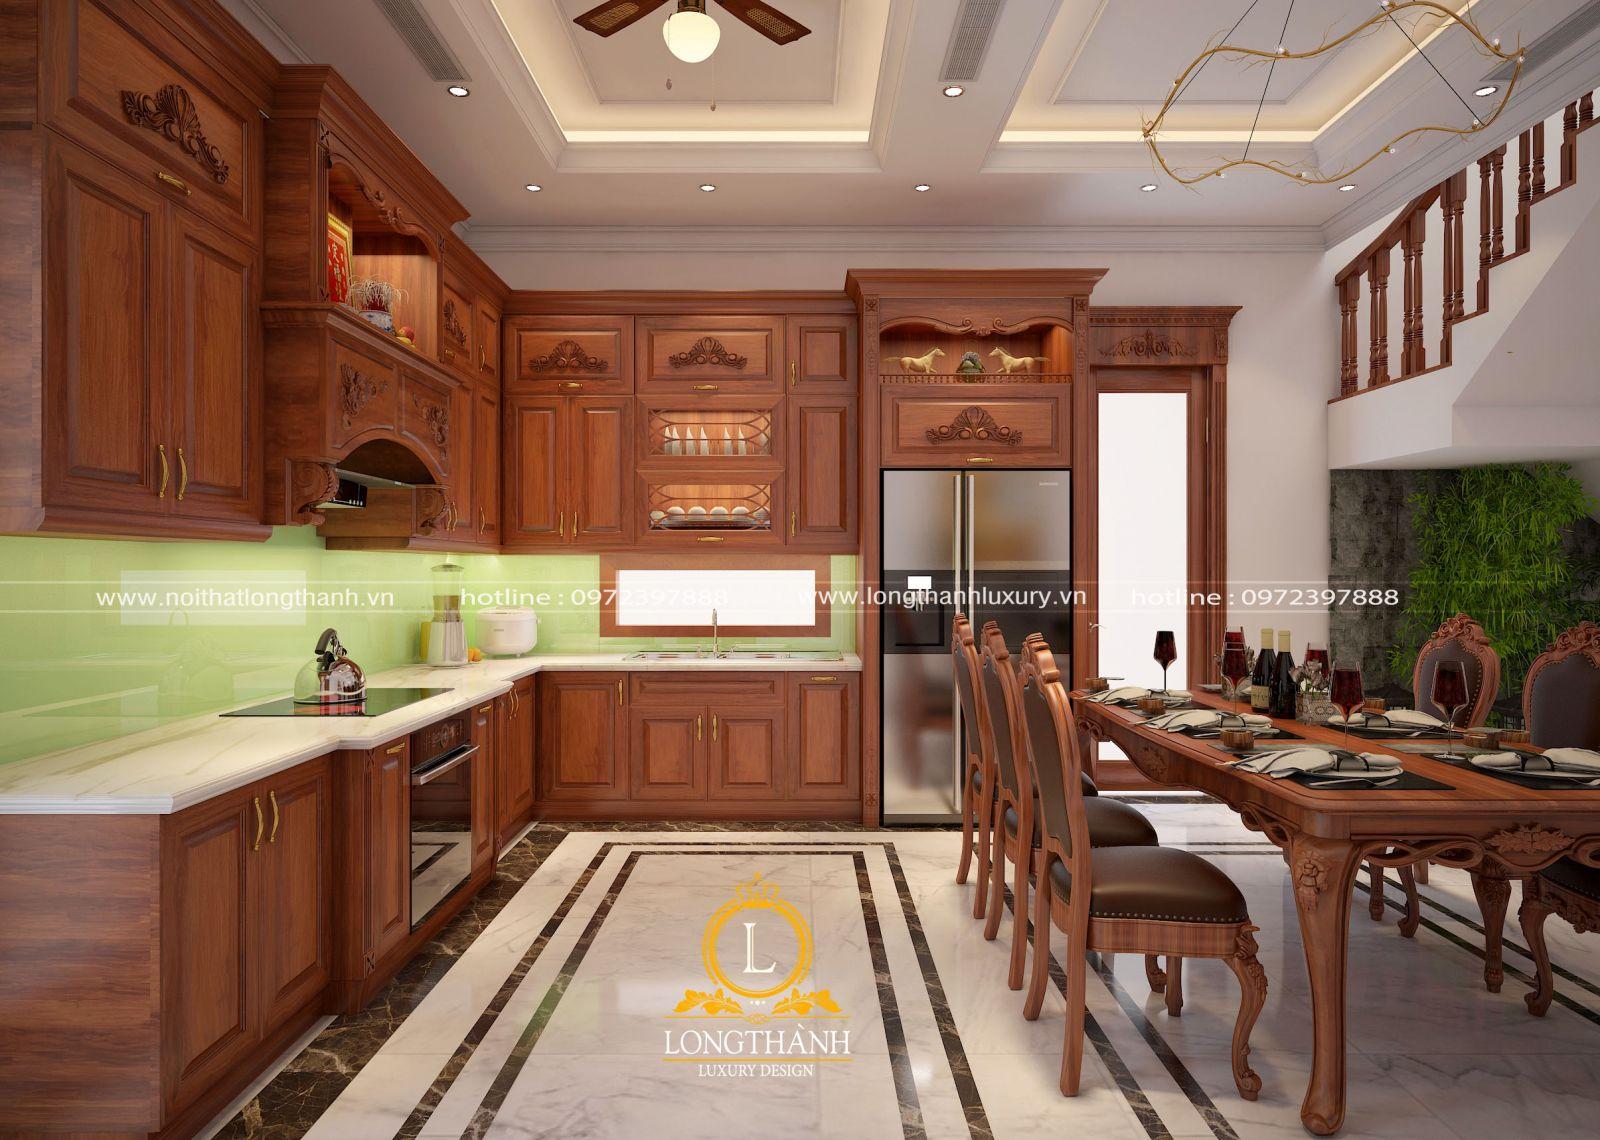 Làm tủ bếp gỗ Gõ đỏ cho không gian nhà phố phong cách hiện đại tiện lợi